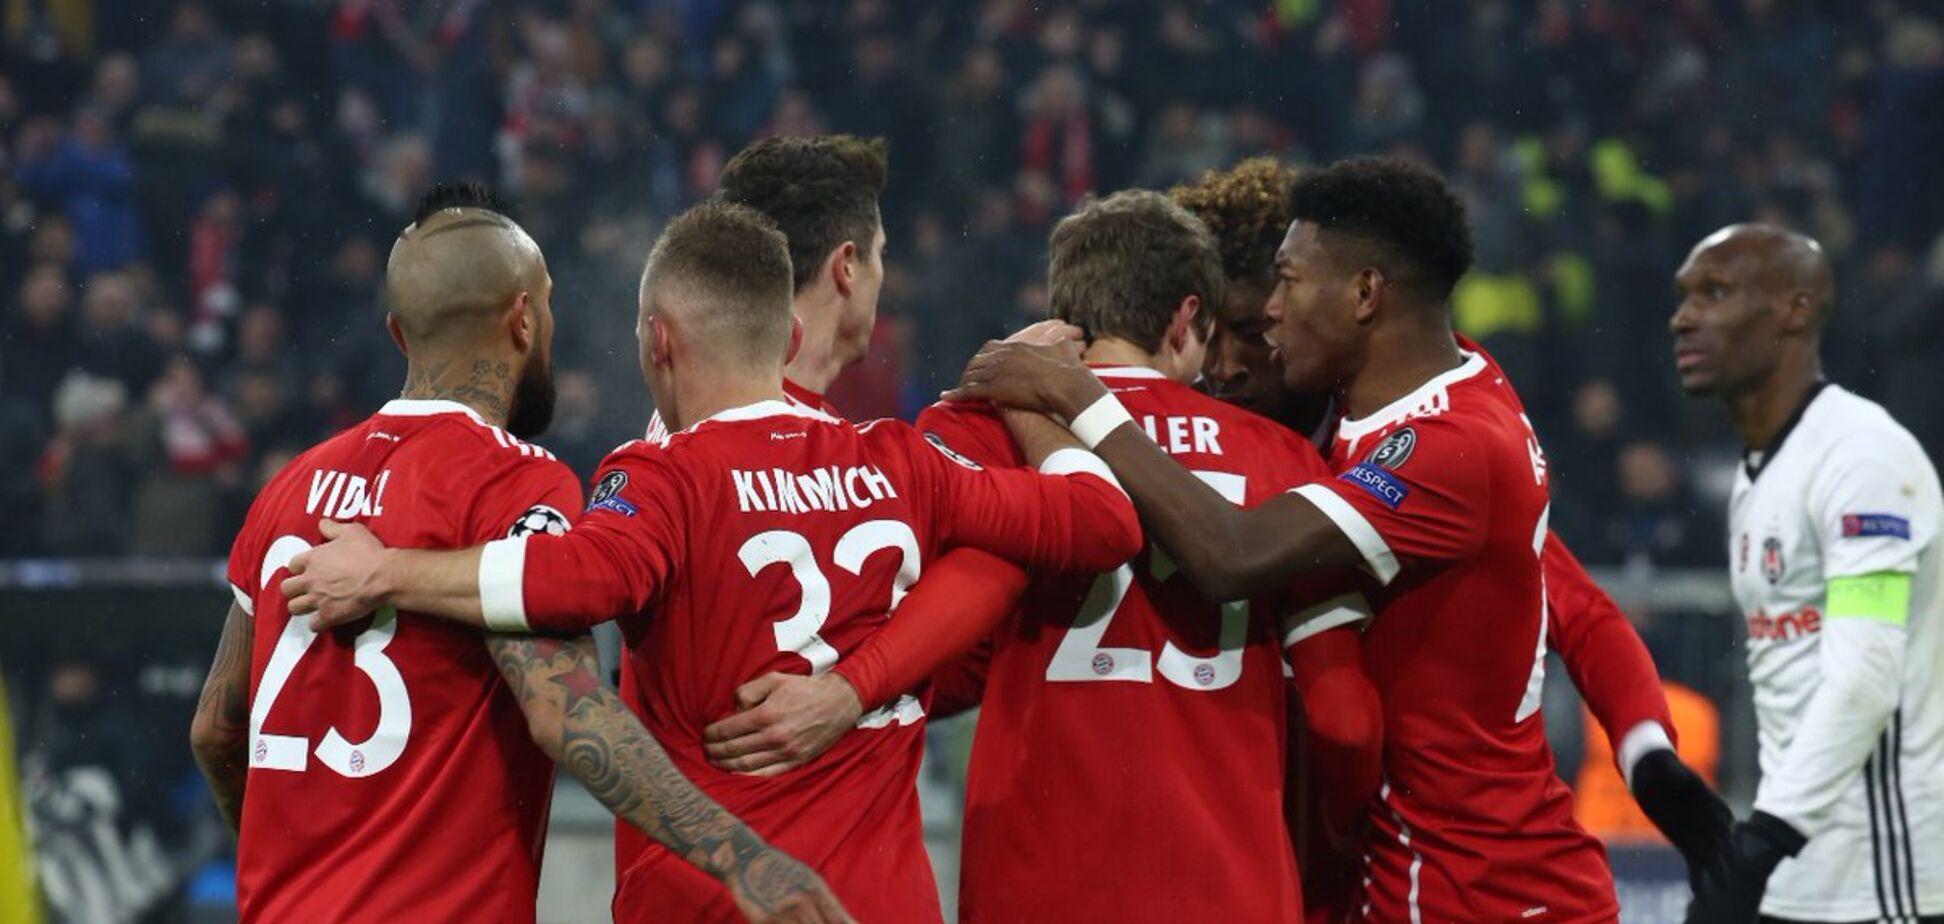 Севілья - Баварія: онлайн-трансляція матчу 1/4 фіналу Ліги чемпіонів